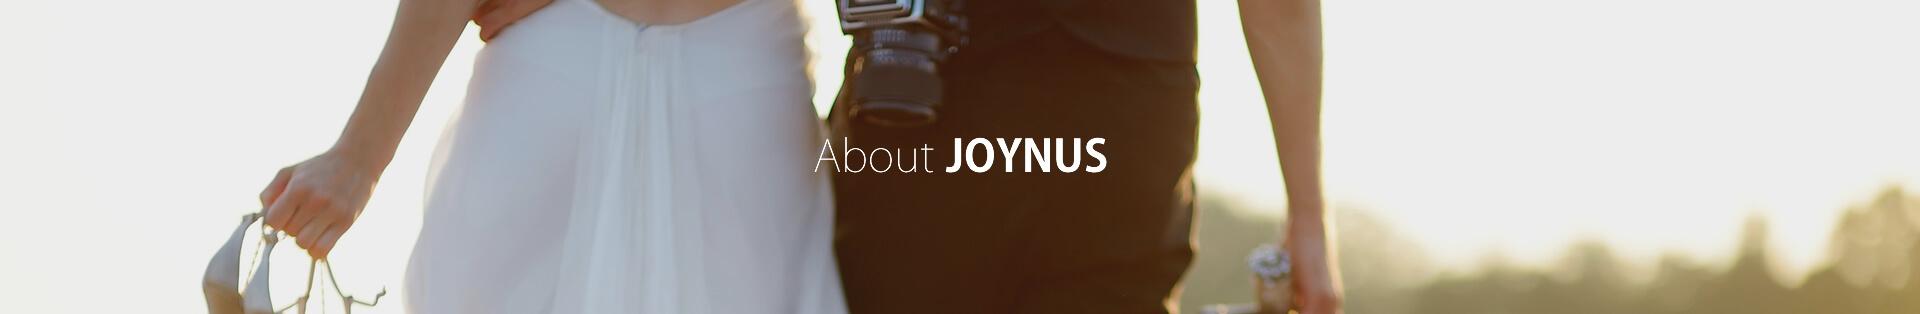 ジョイナスについて イメージ画像